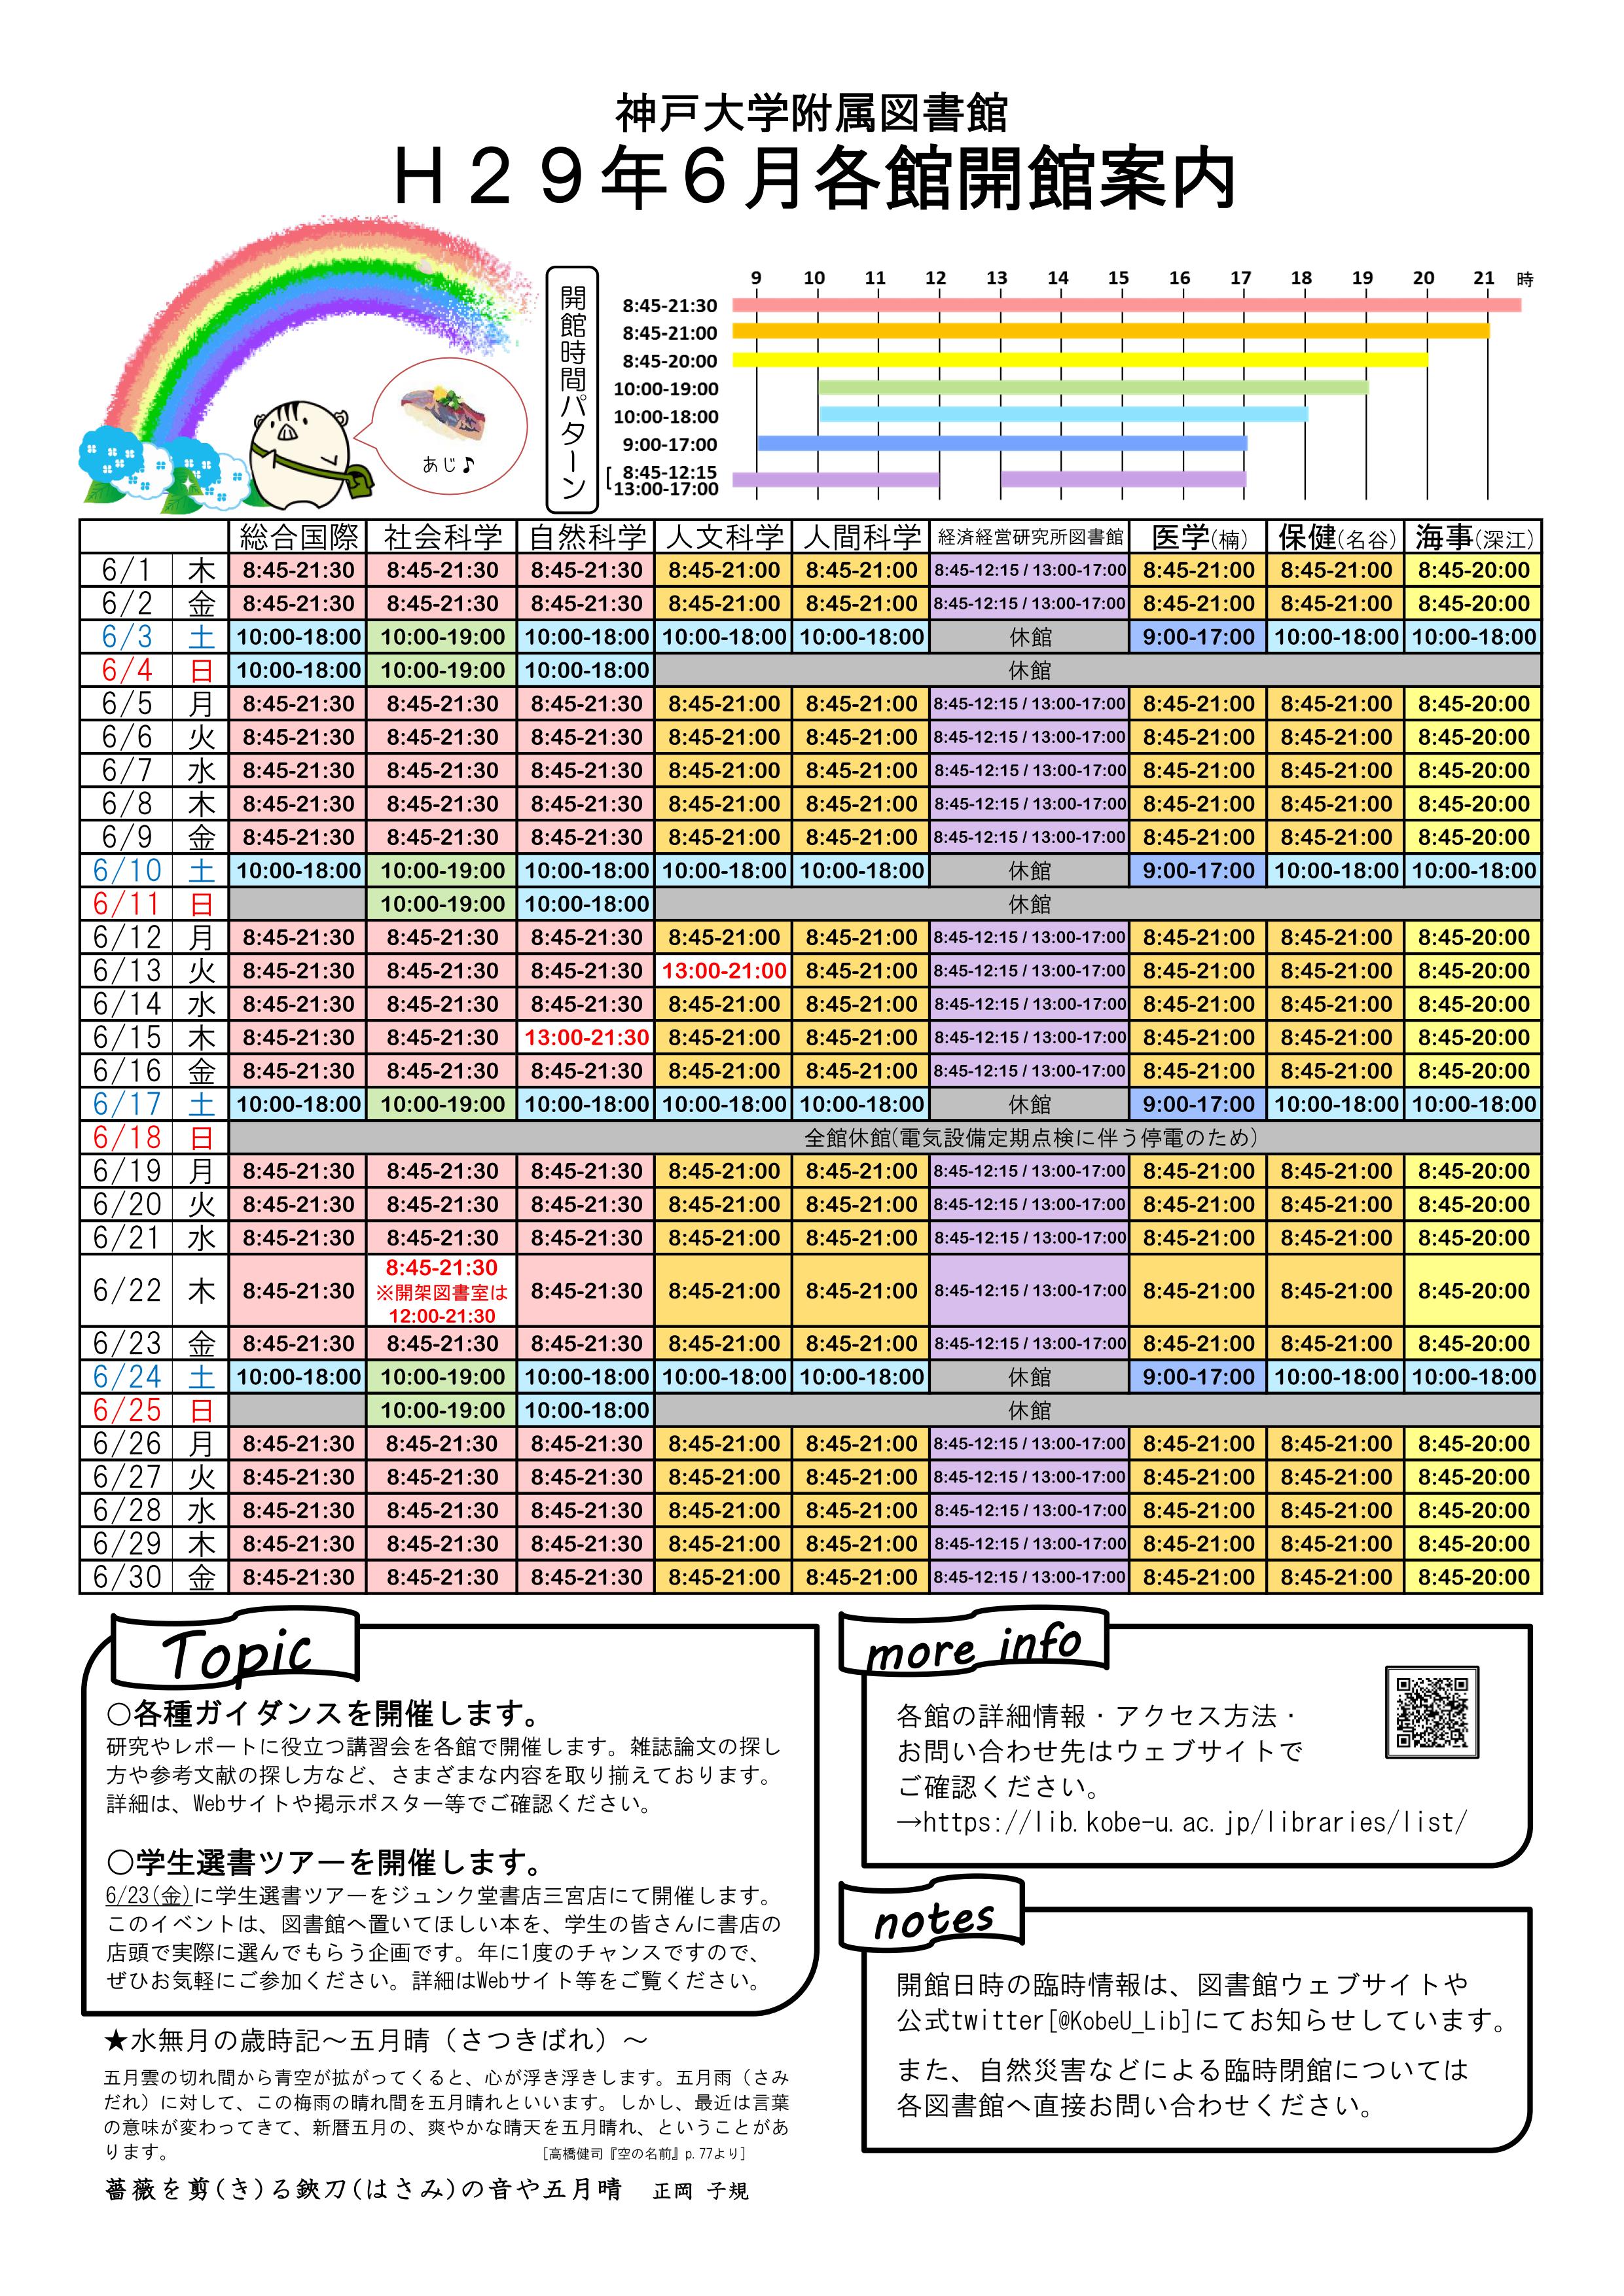 平成29年6月図書館各館開館案内カレンダー